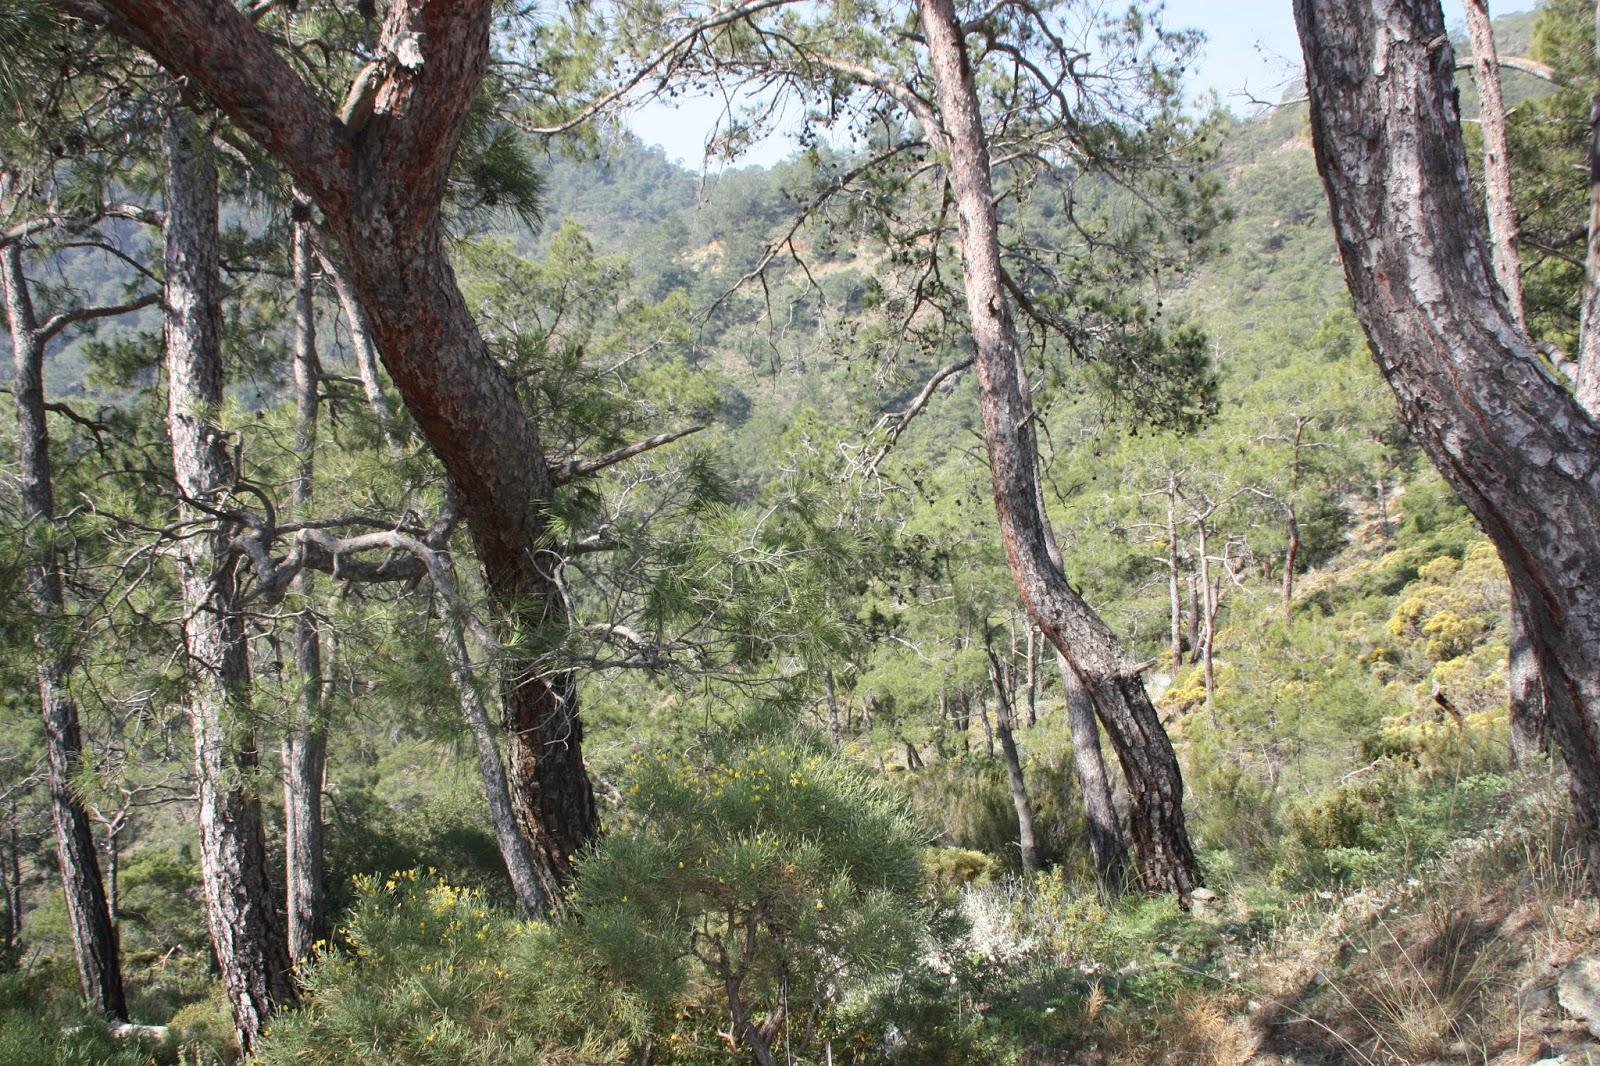 певица фотоотчет текирова ликийская тропа позволяют